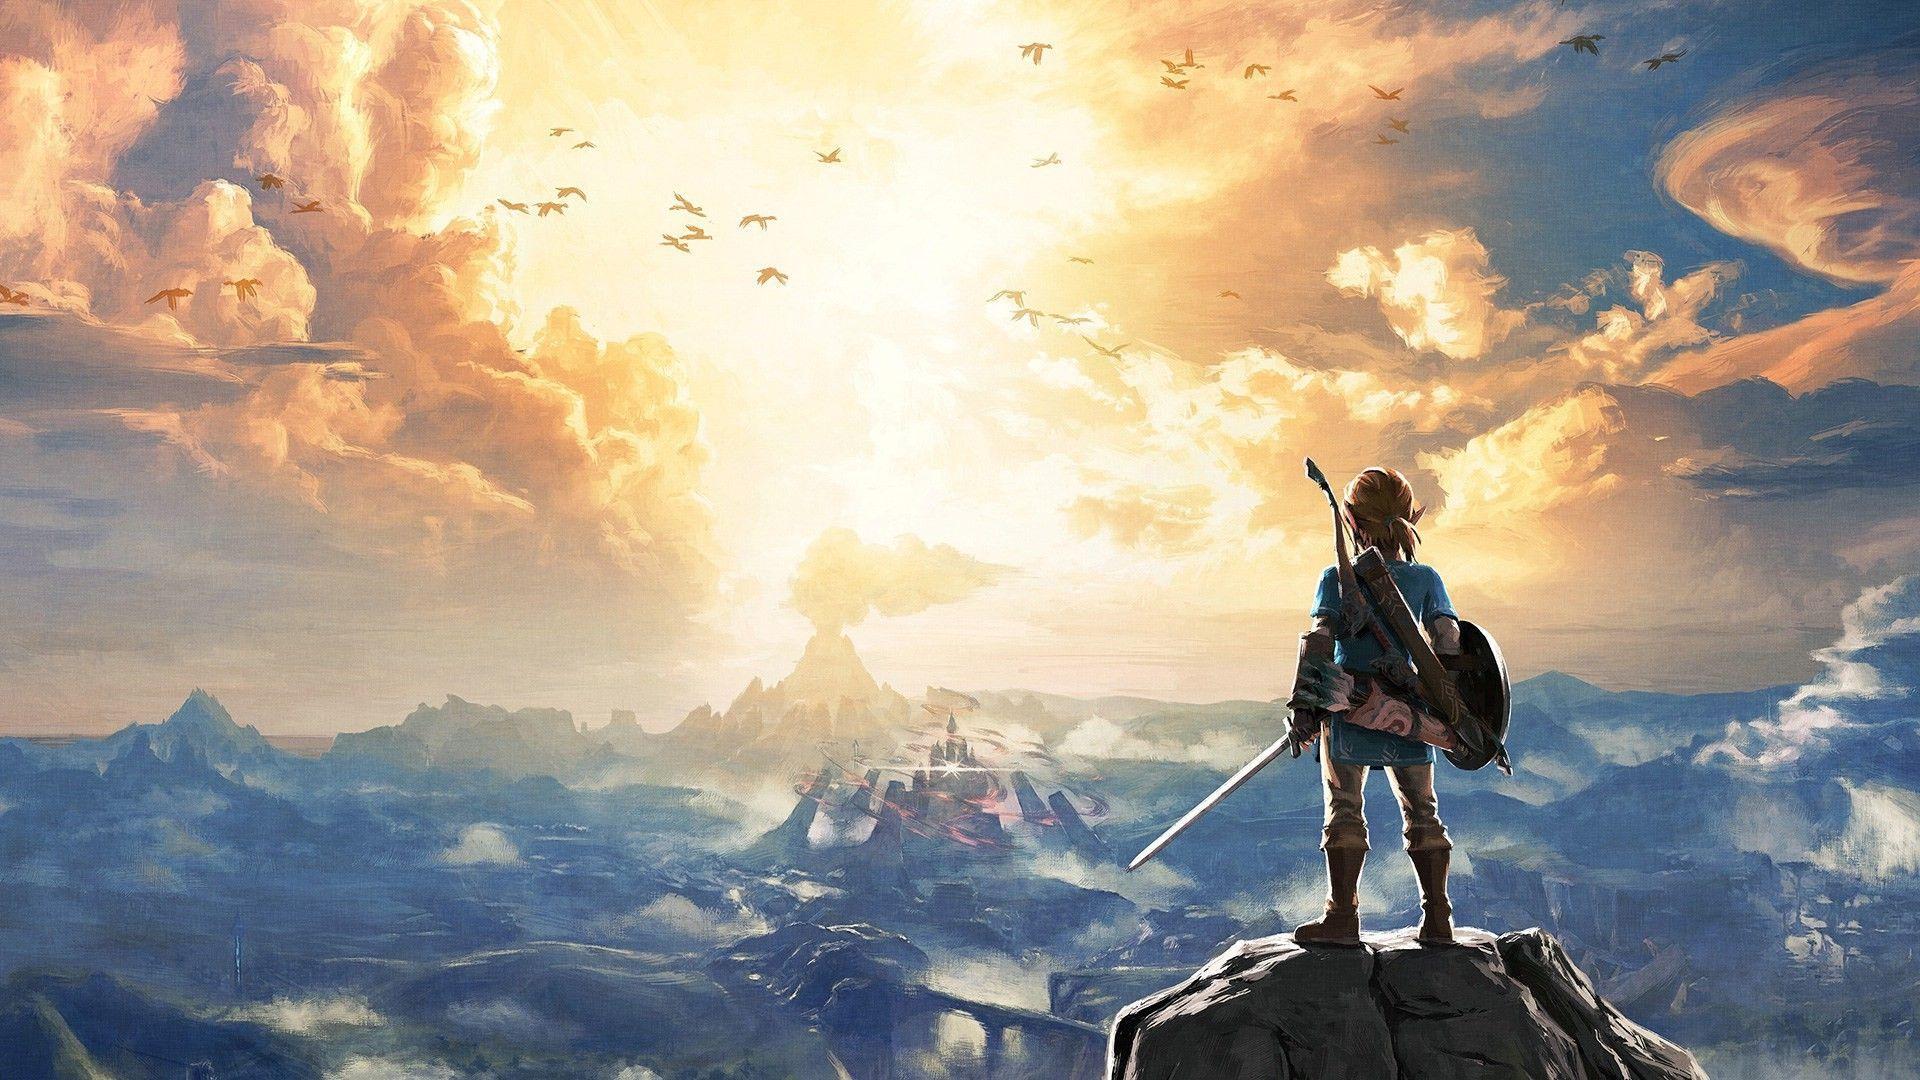 Legend of Zelda BOTW Wallpapers - Top Free Legend of Zelda ...